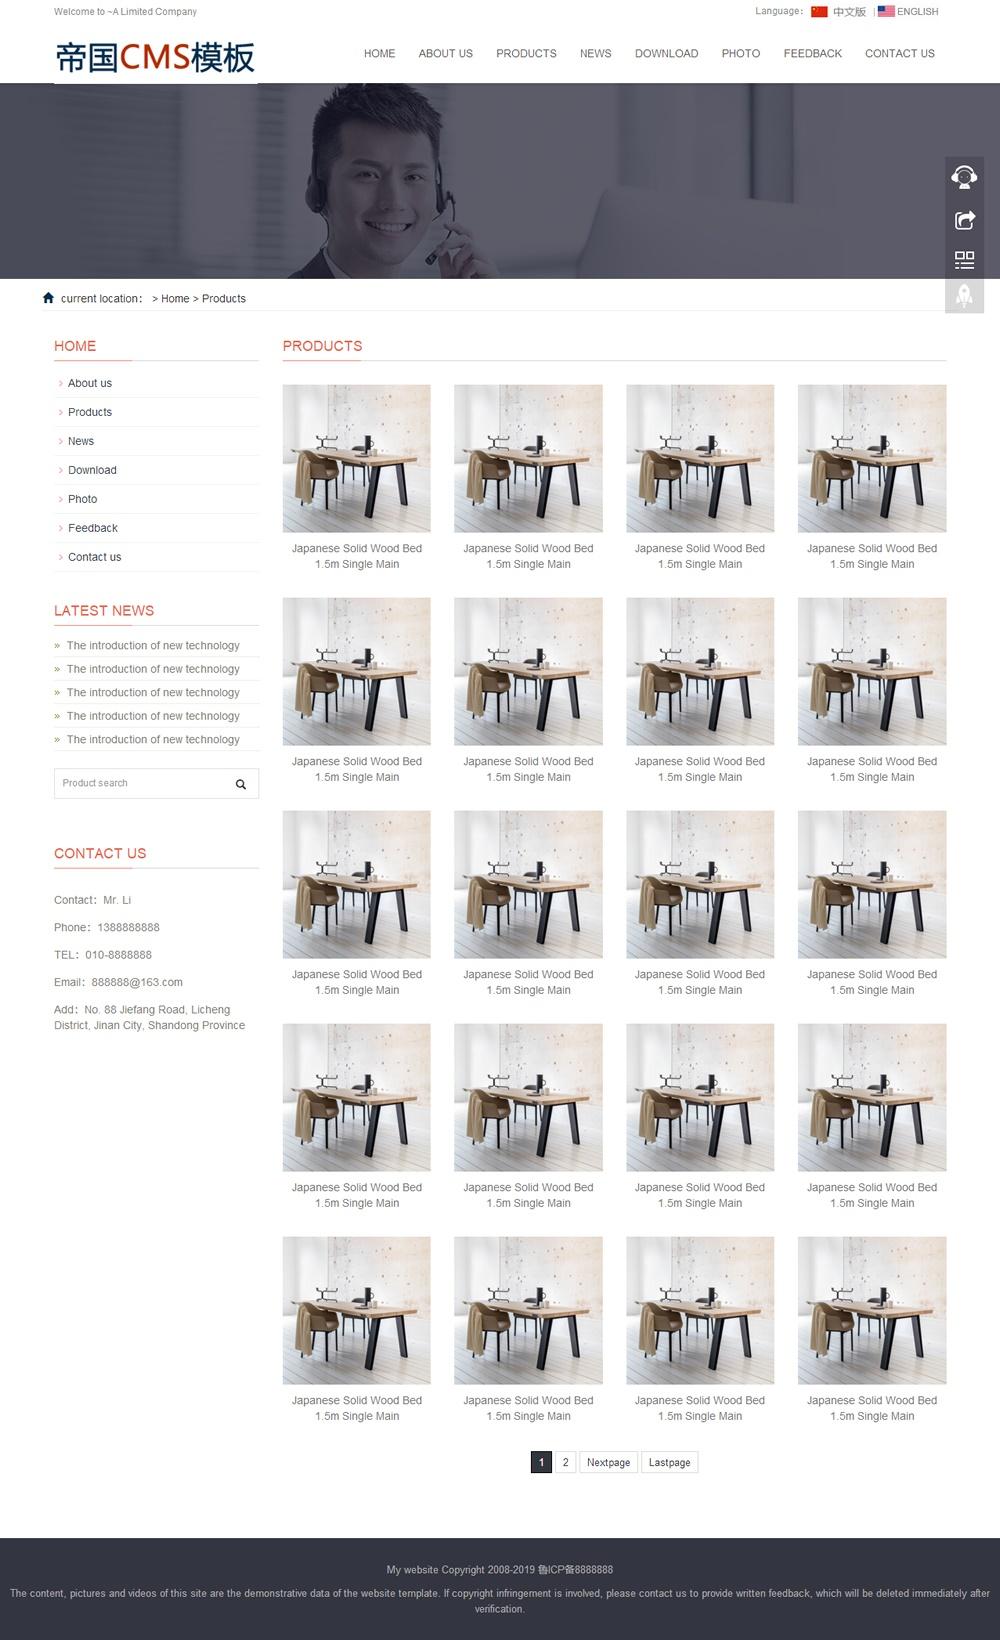 中英文双语自适应帝国cms企业网站模板外贸企业网站源码_英文版产品页